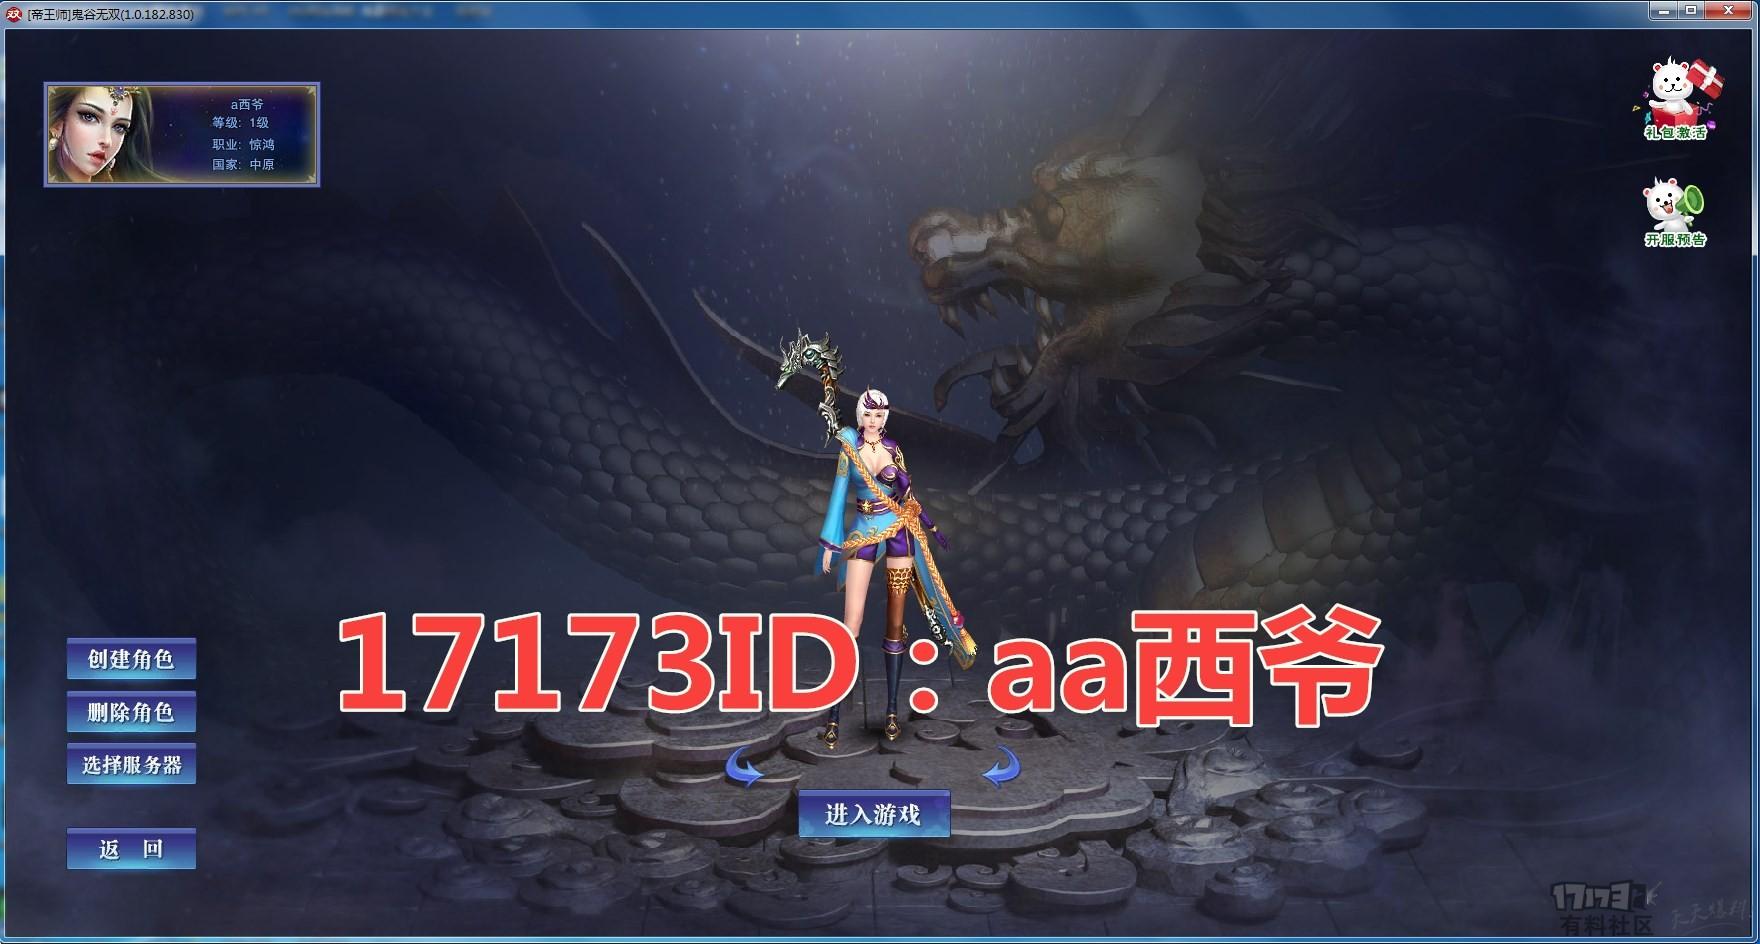 173鬼谷无双_副本.jpg